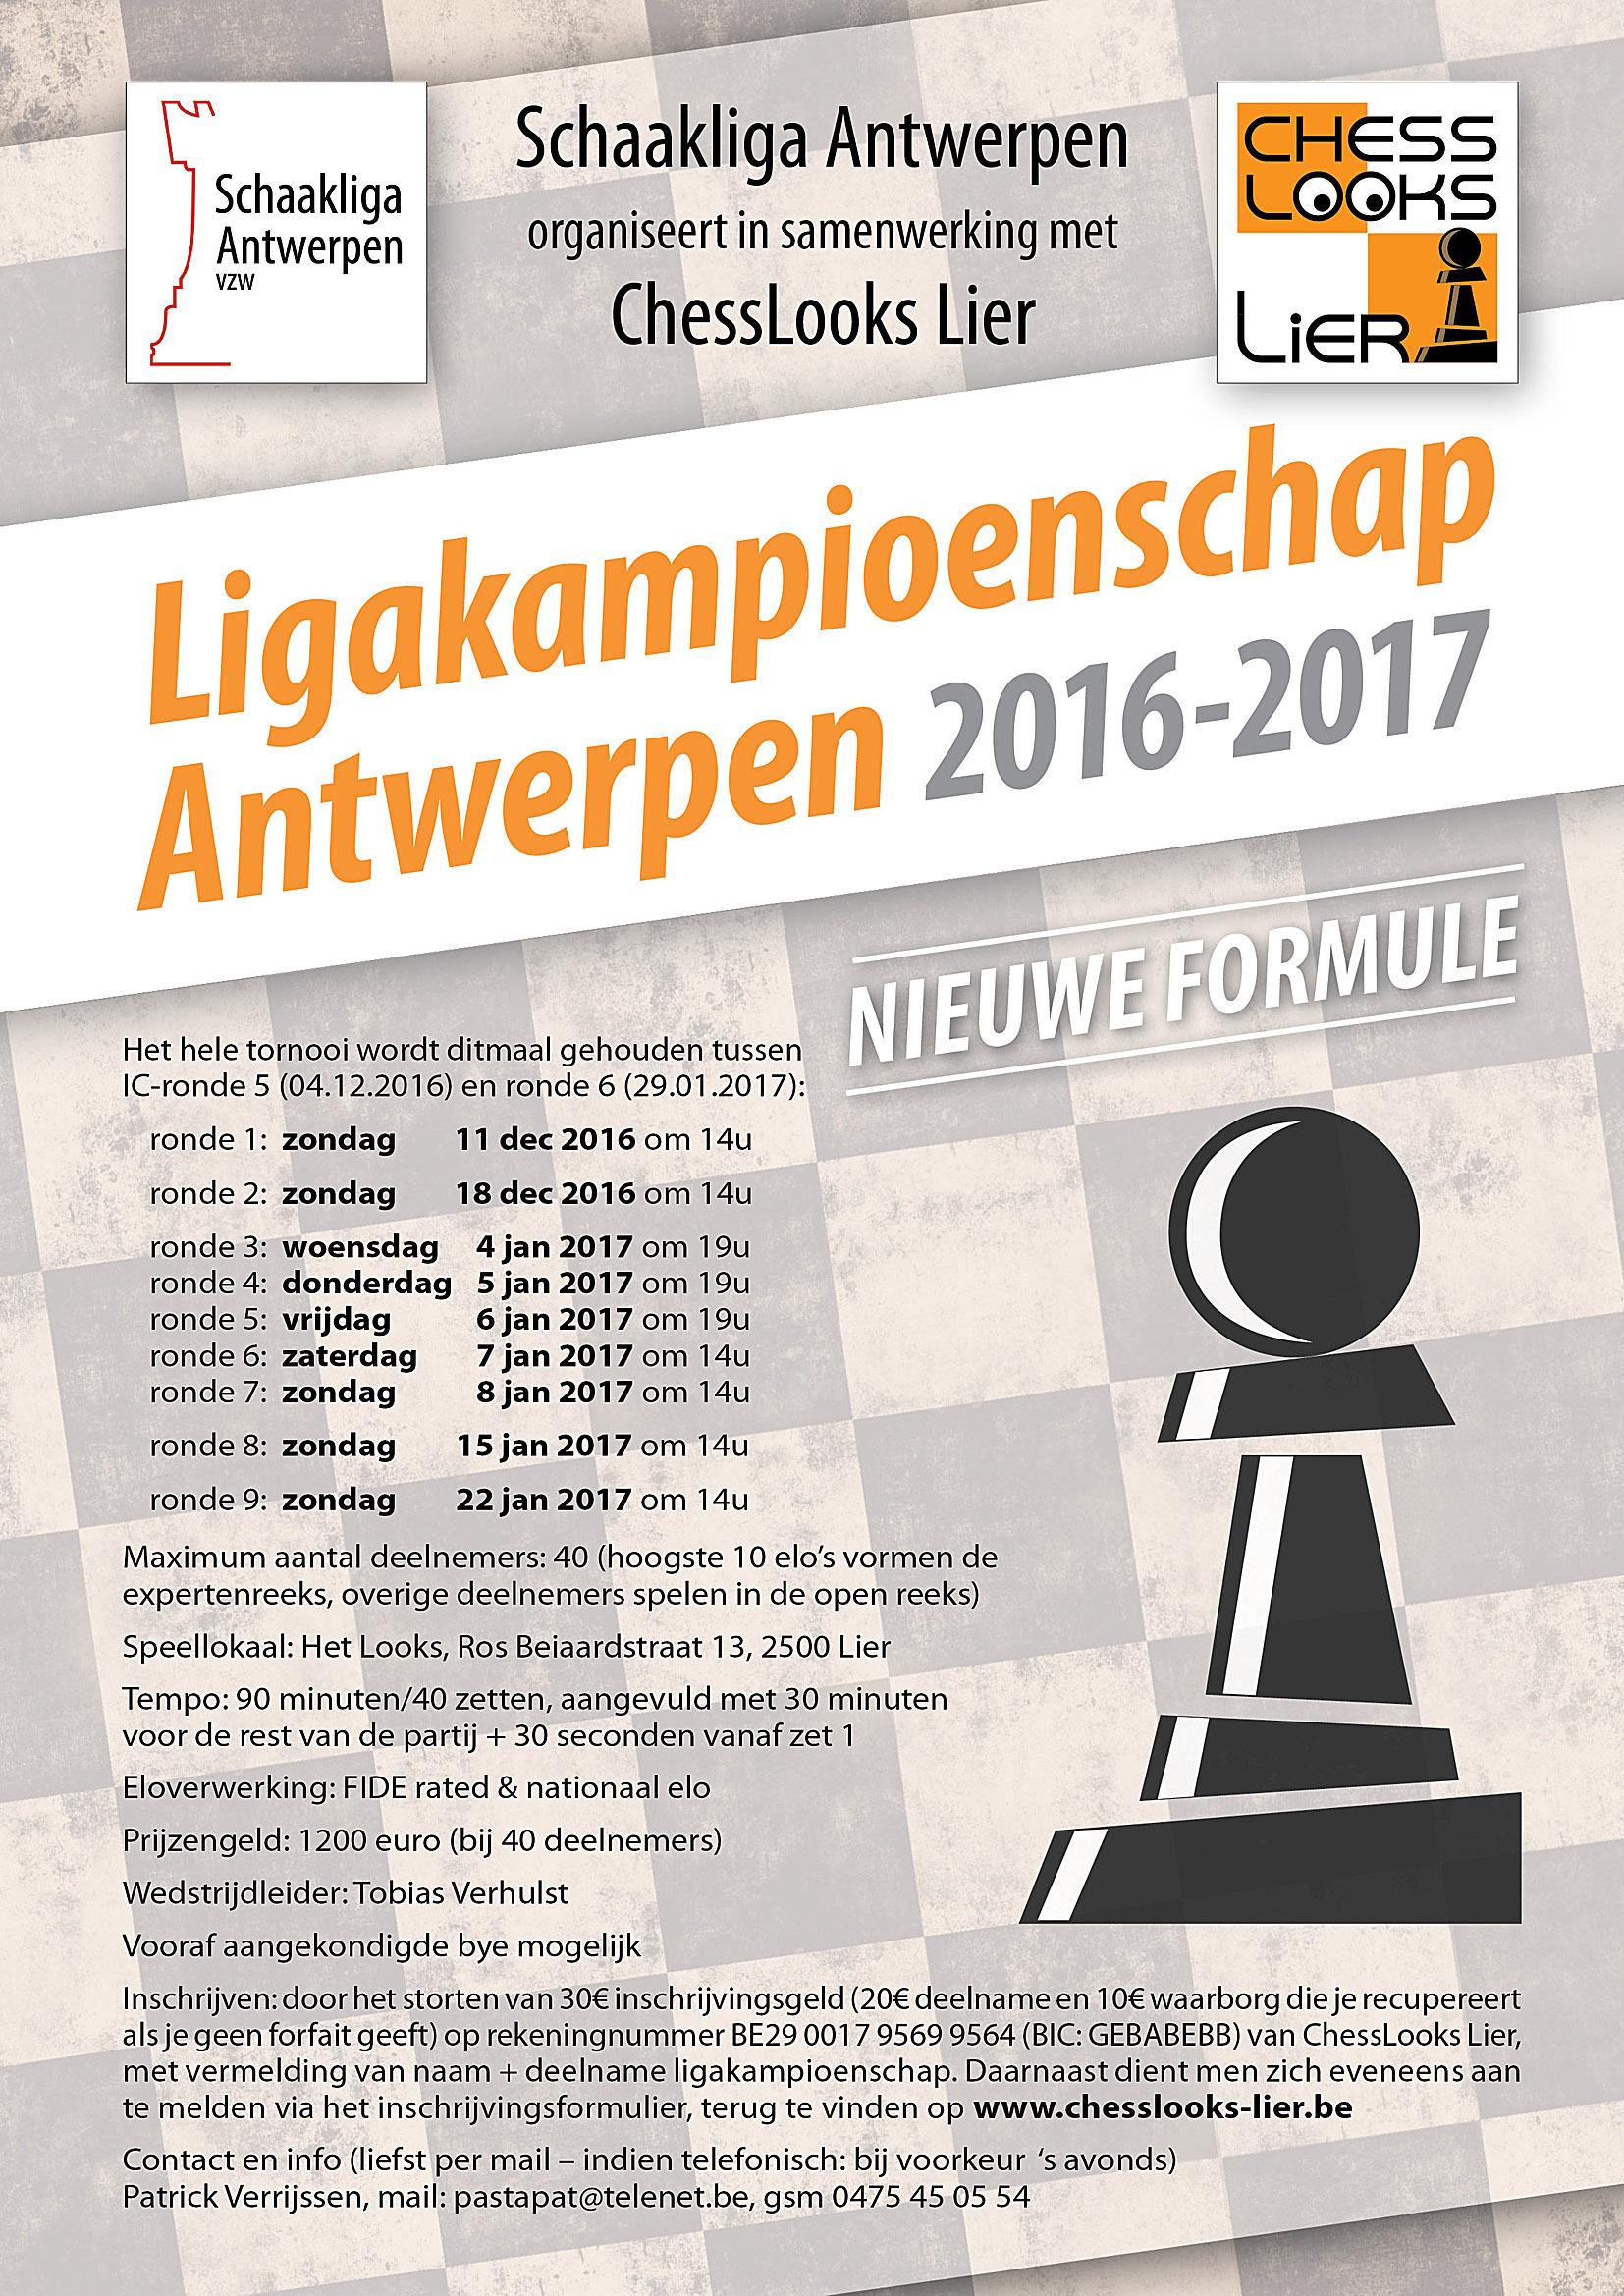 Ligakampioenschap 2016-2017